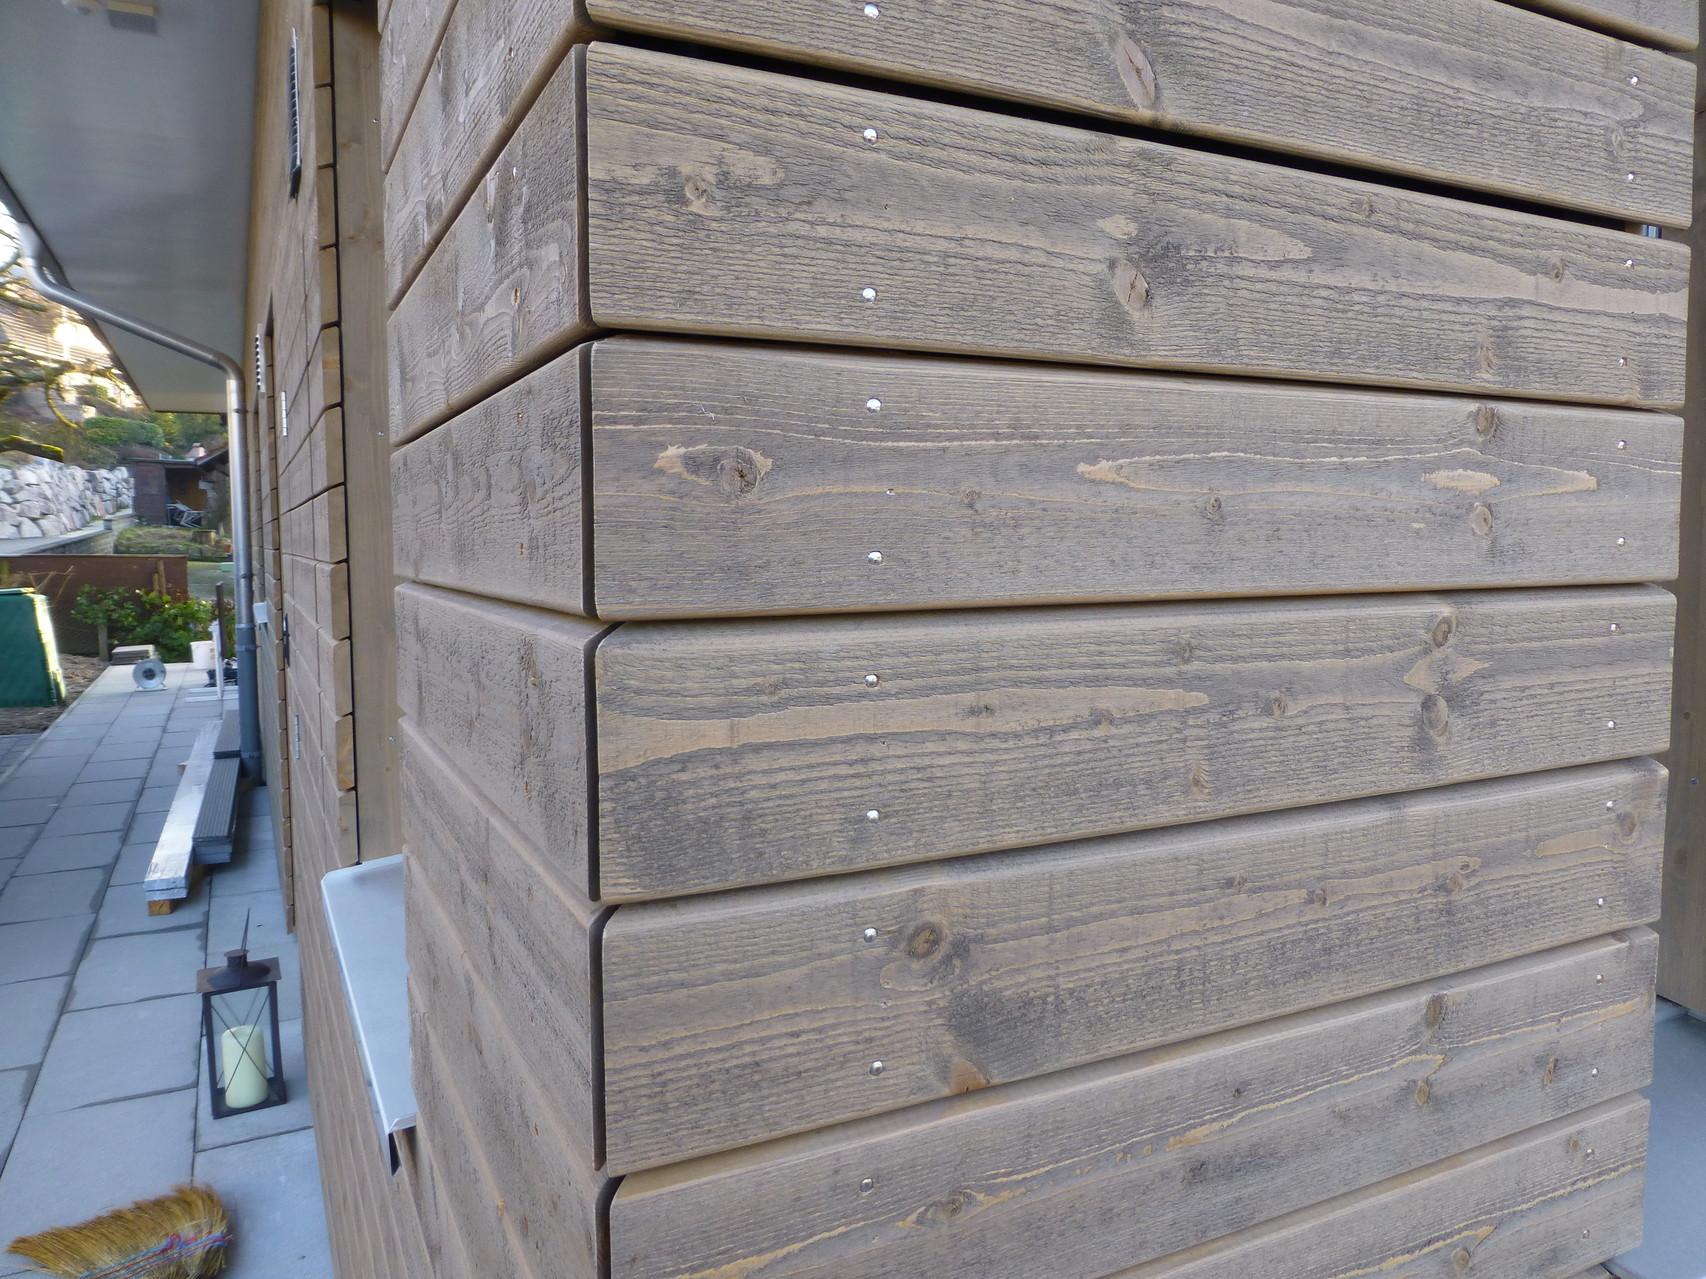 Holzfasade EcKe auf Gehrung